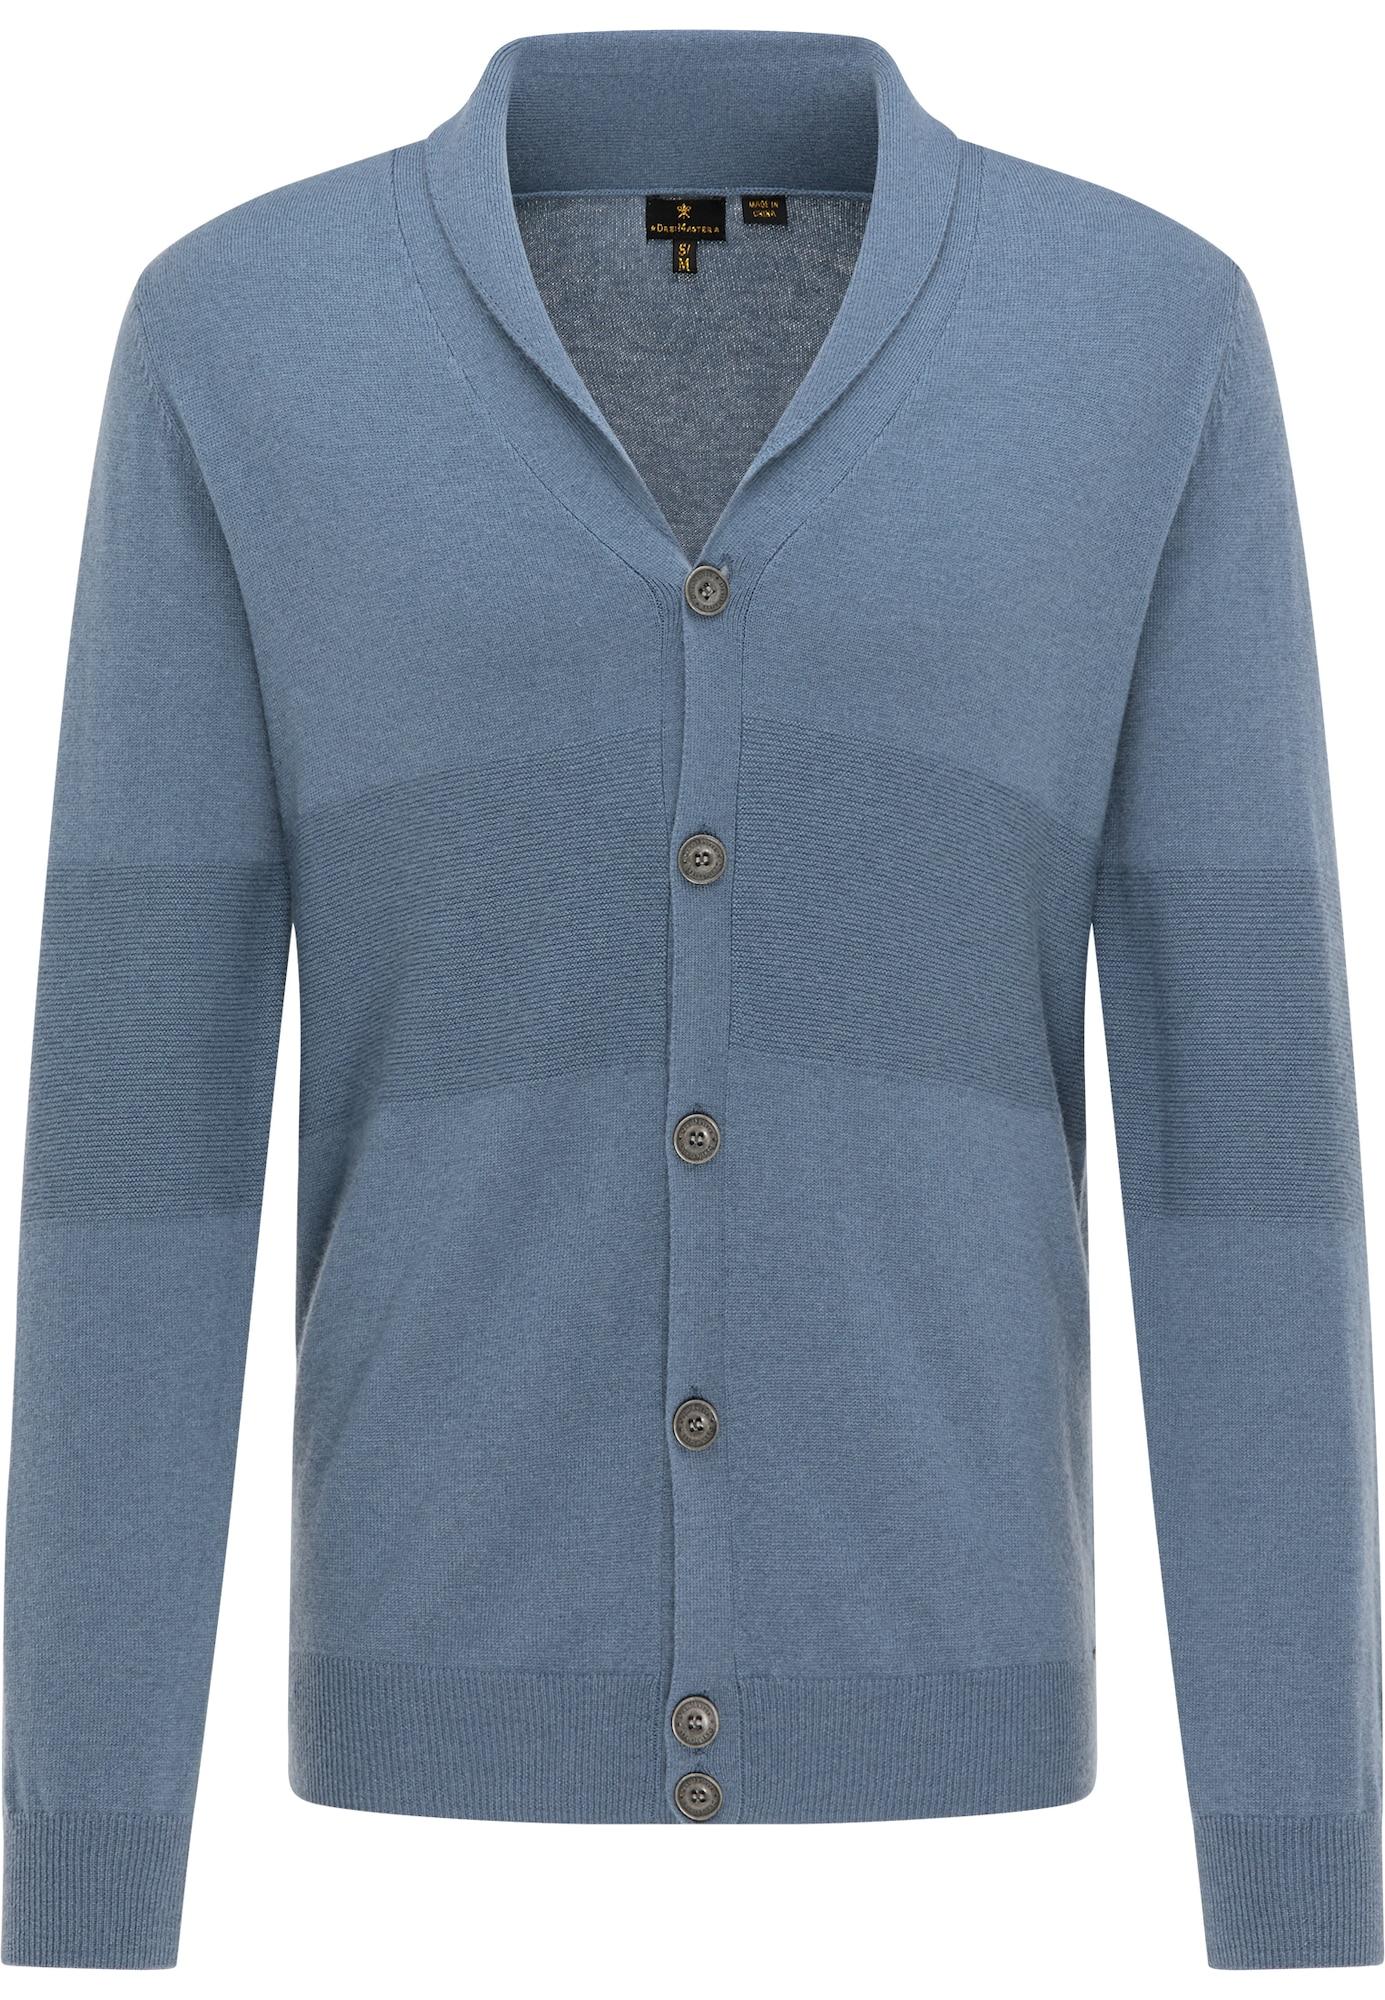 DreiMaster Klassik Kardiganas melsvai pilka / mėlyna dūmų spalva